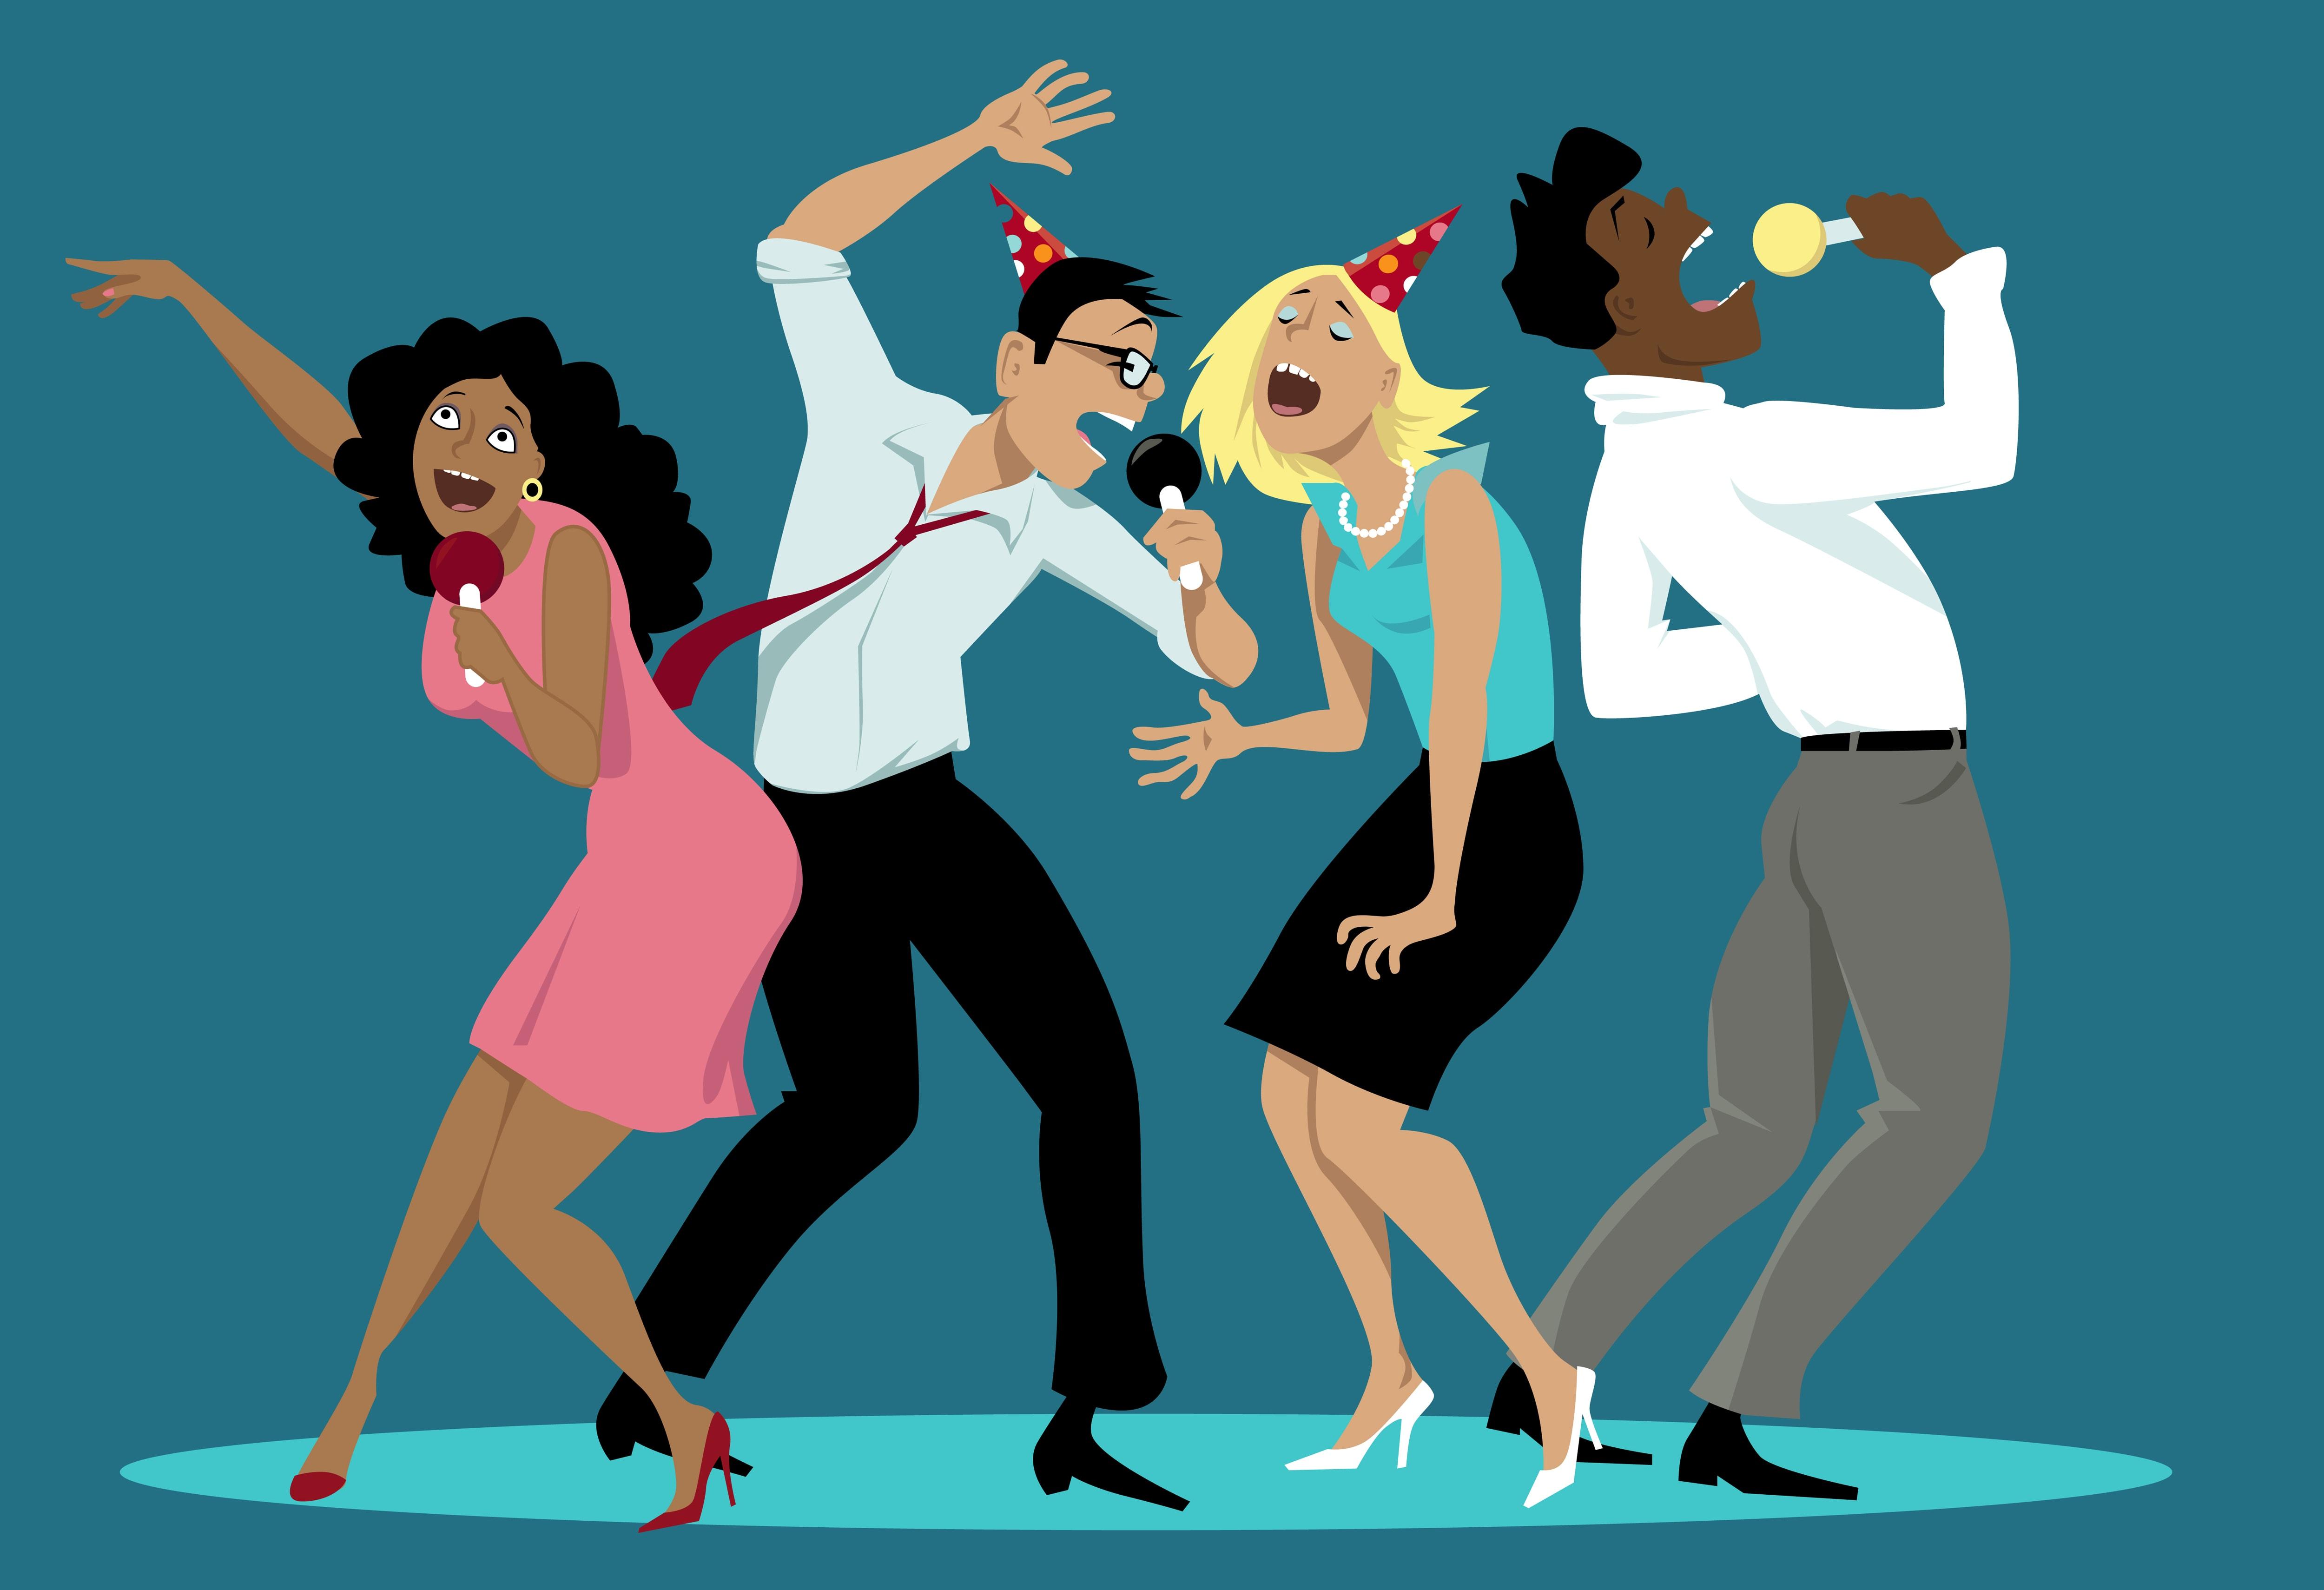 Открытки про танцы смешные, поздравляю